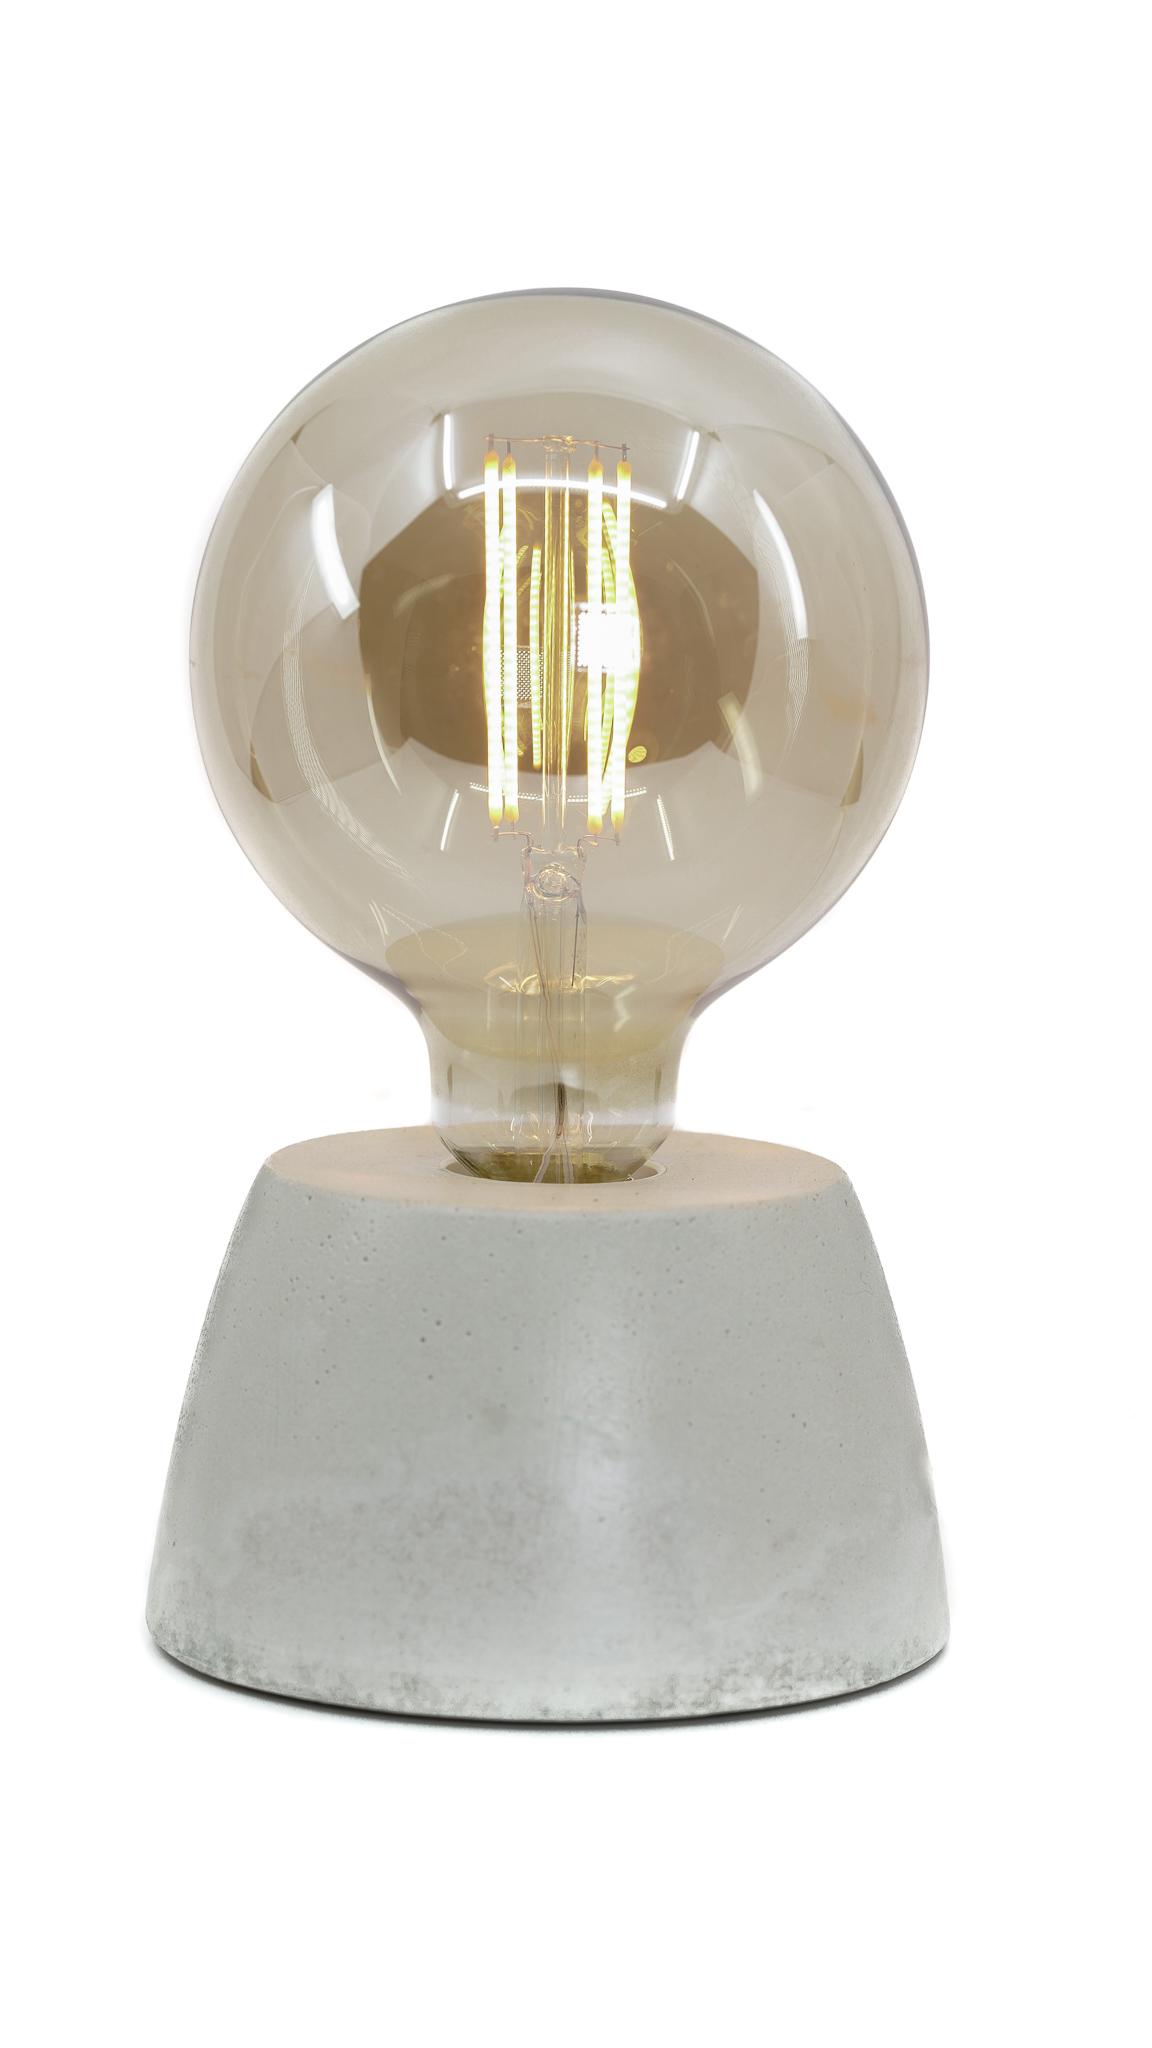 Lampe dôme en béton beige fabrication artisanale